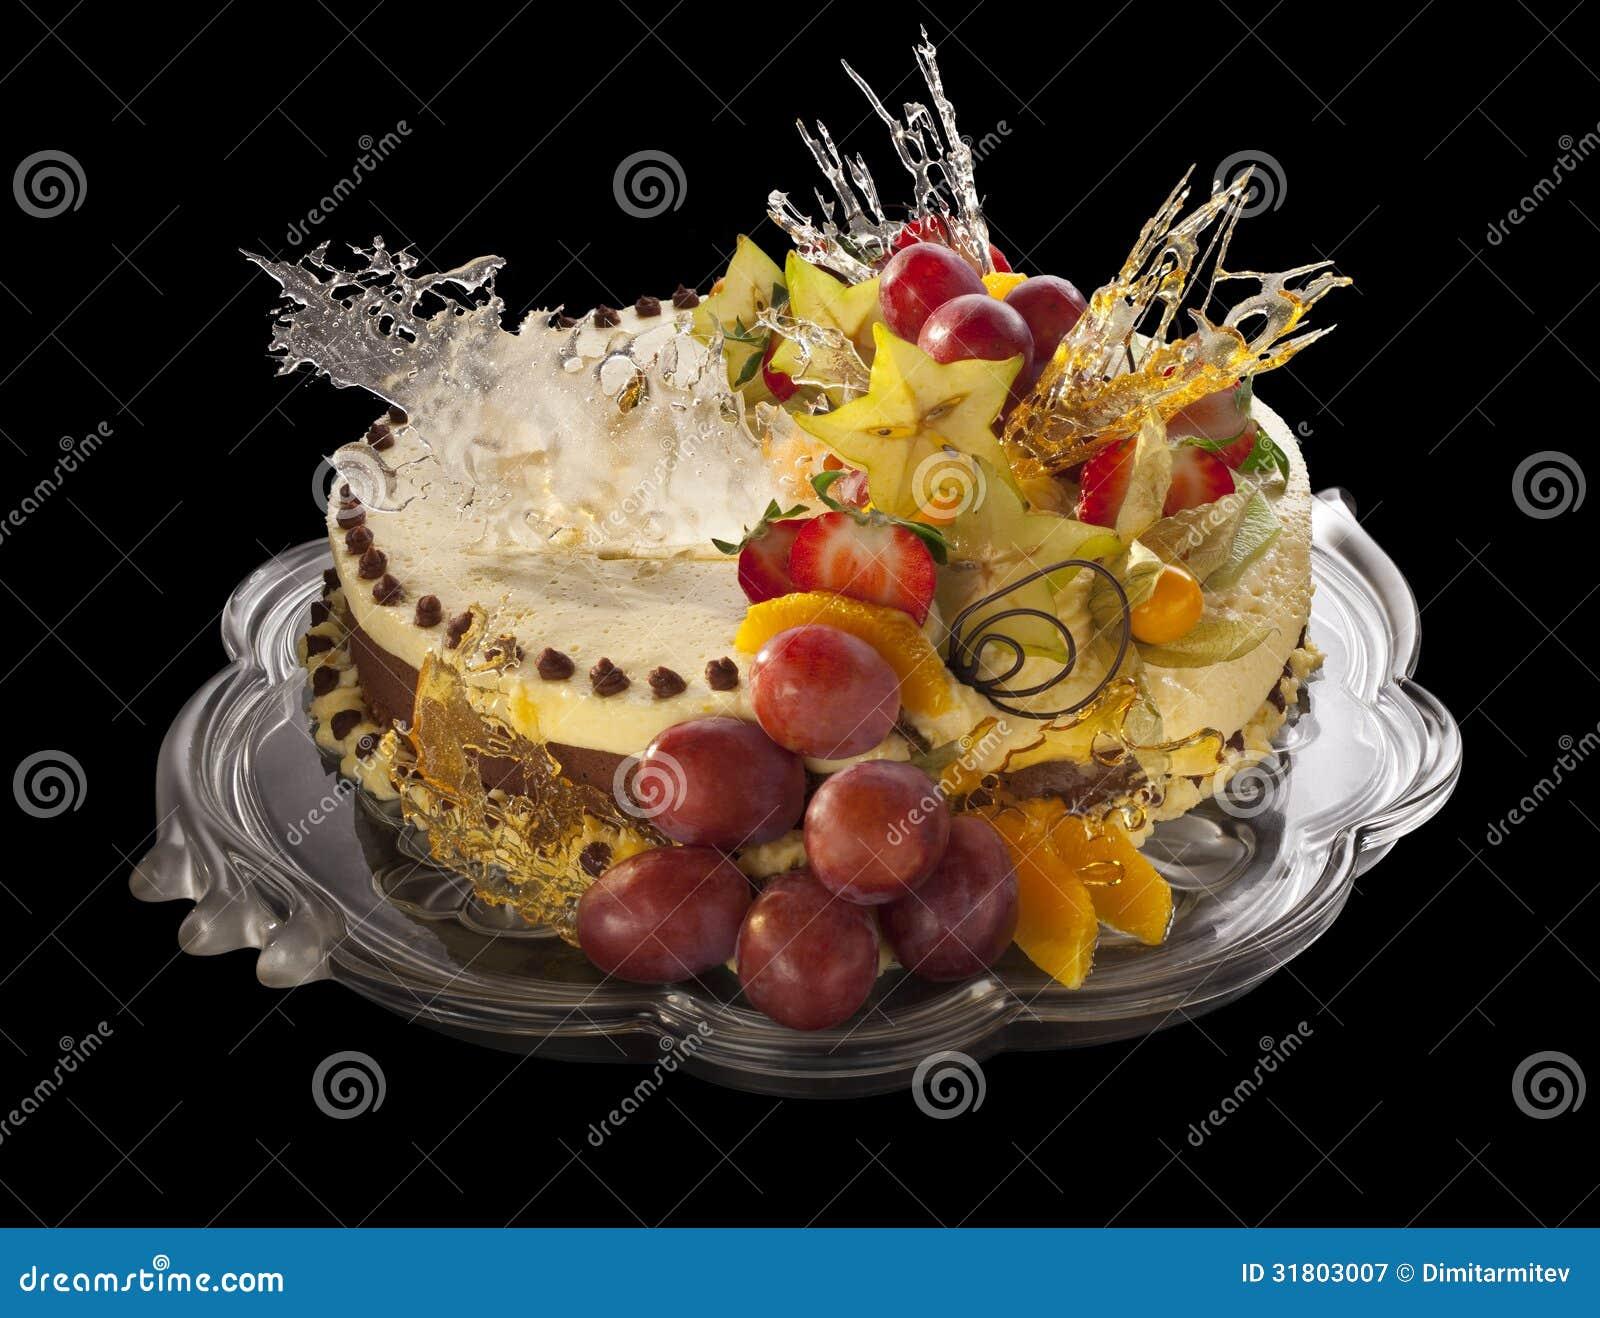 Cake Decorated With Fruits Pinterest : Gateau De Mousse Decore Des Fruits Photographie stock ...